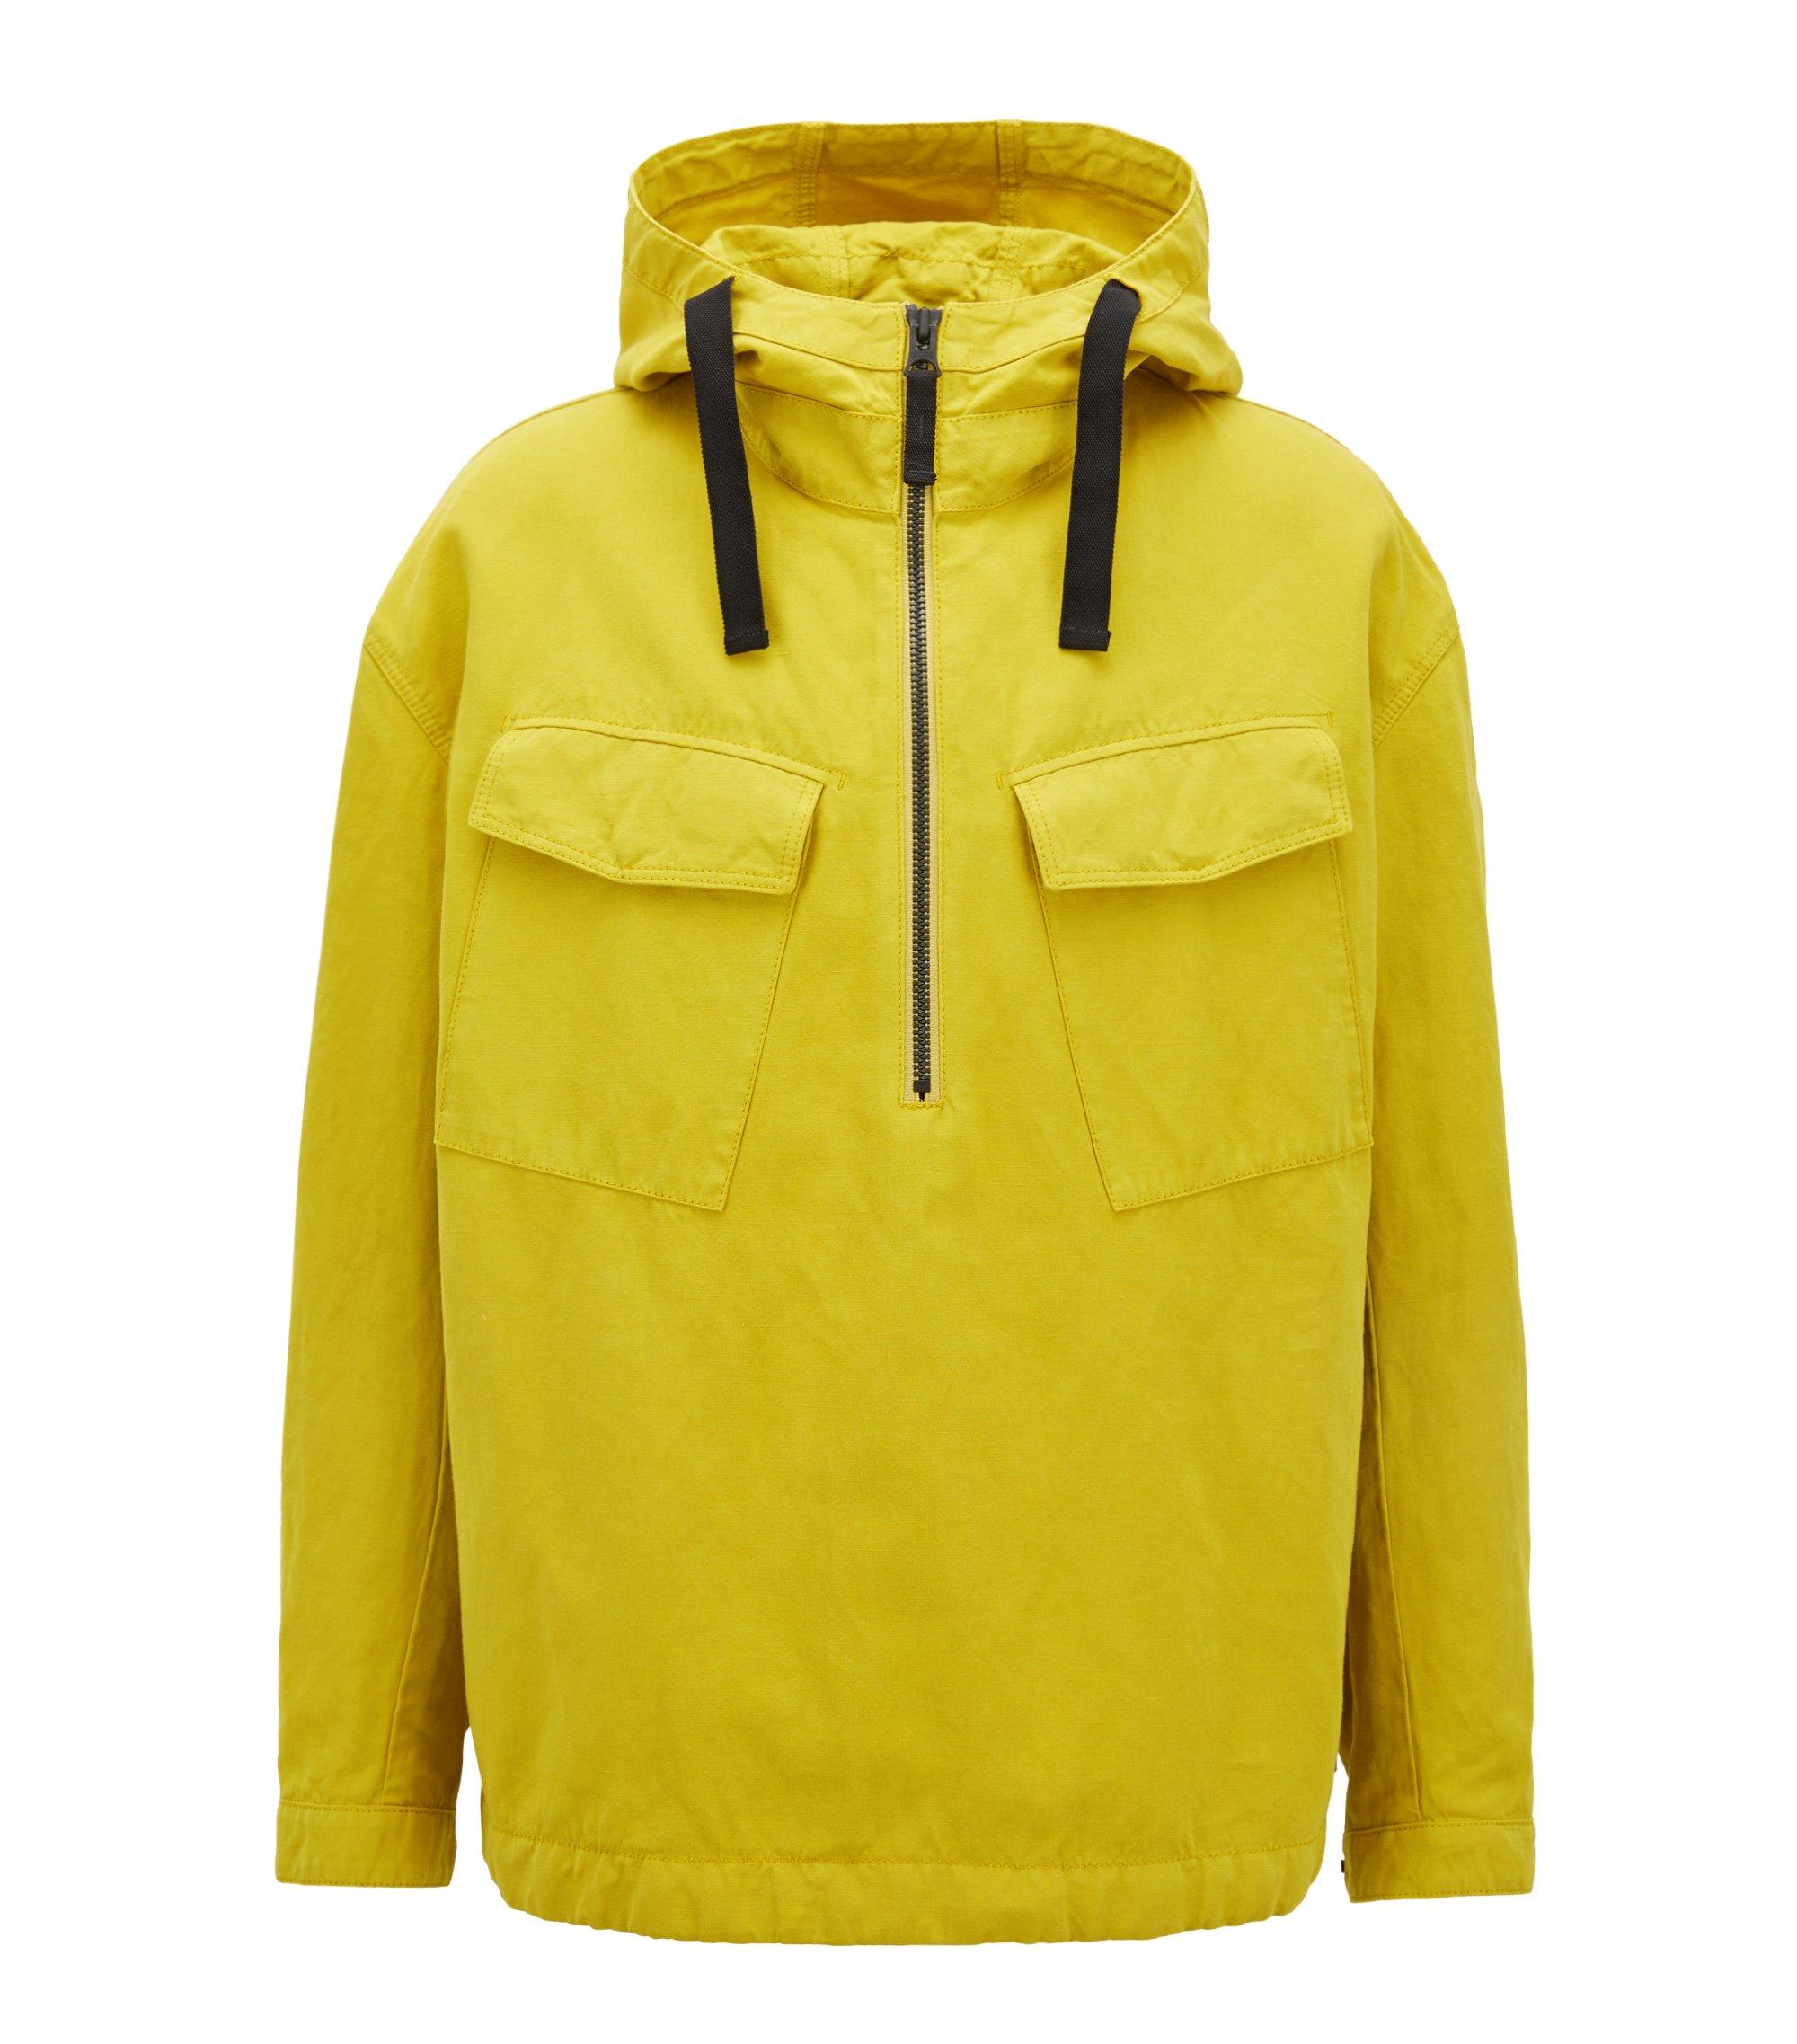 Anorak extragrande con capucha en mezcla de algodón, Amarillo